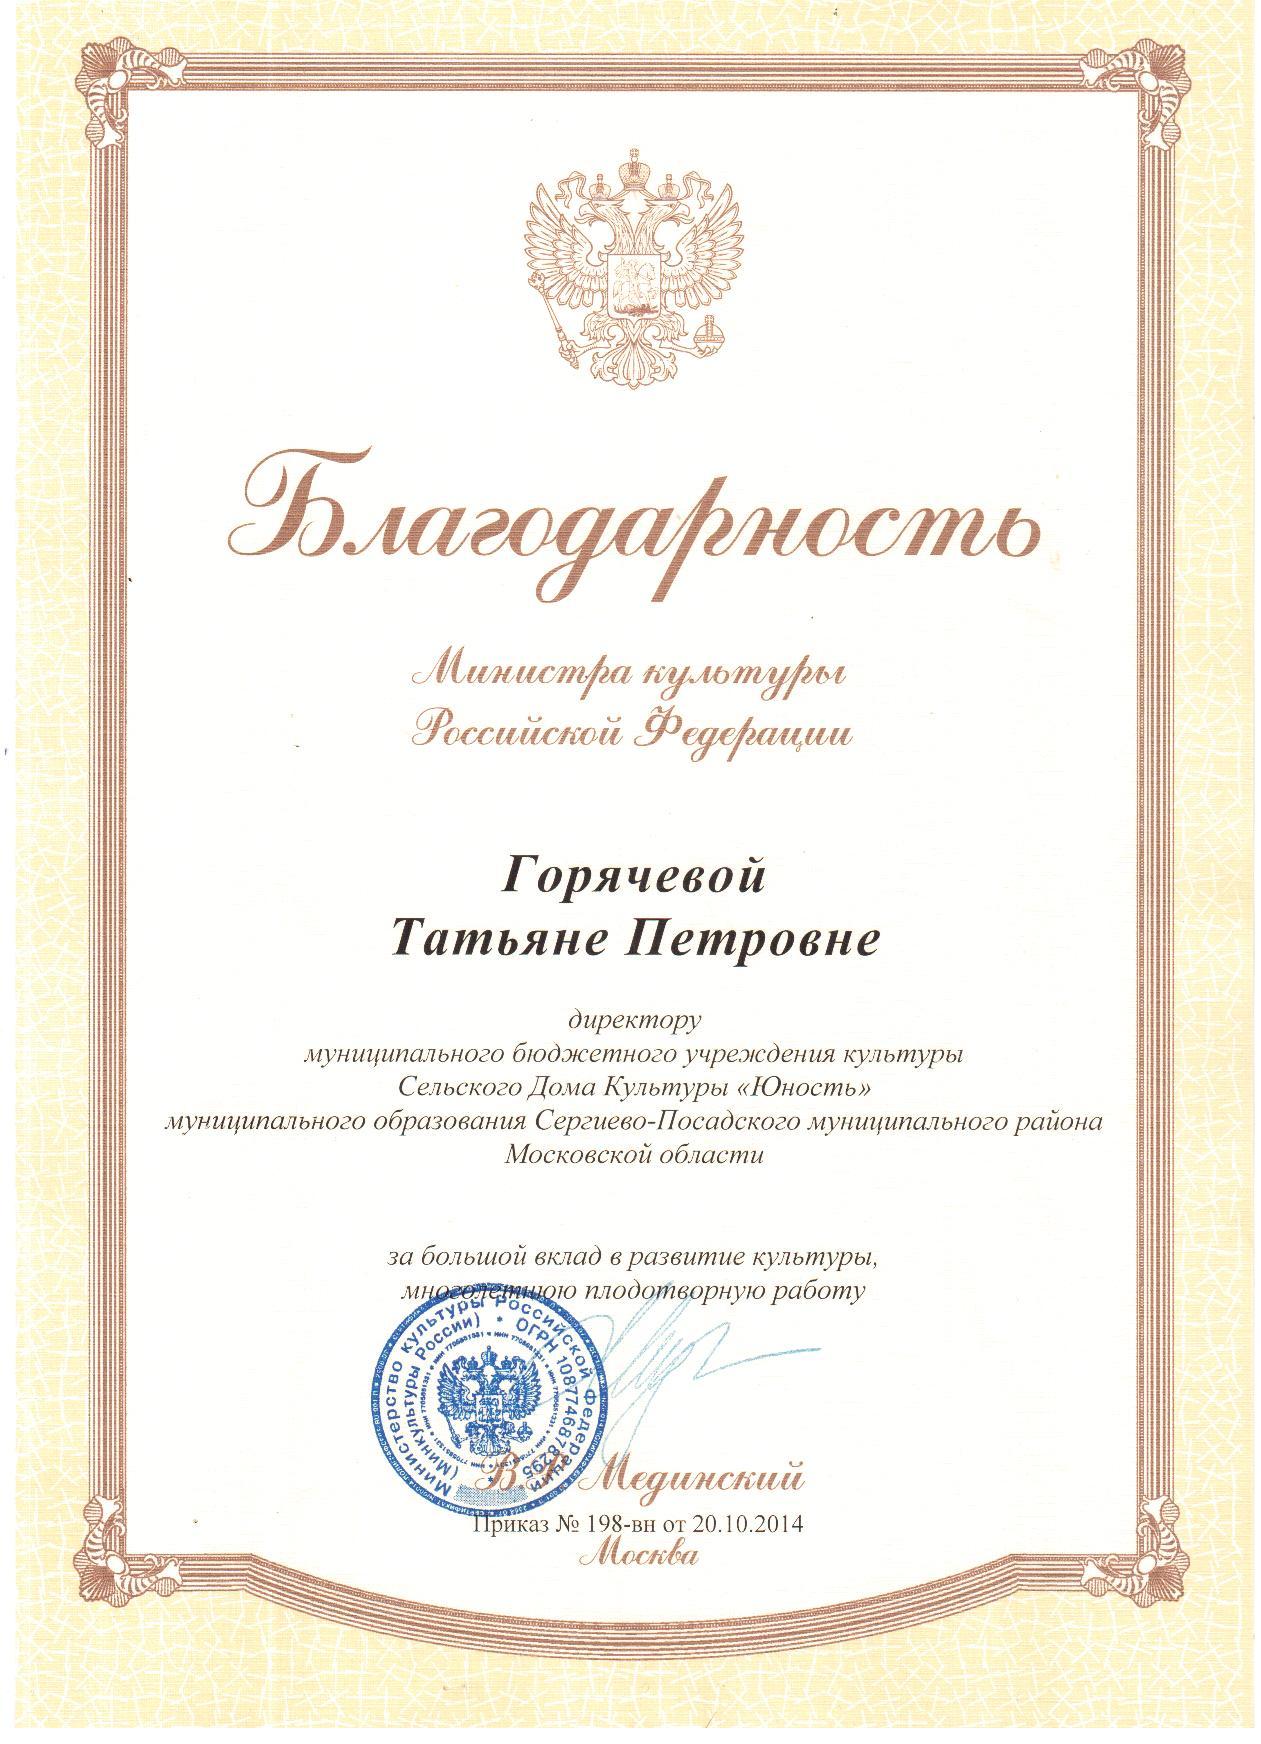 благодарность Рожнова Т.П. Горячевой.jpg